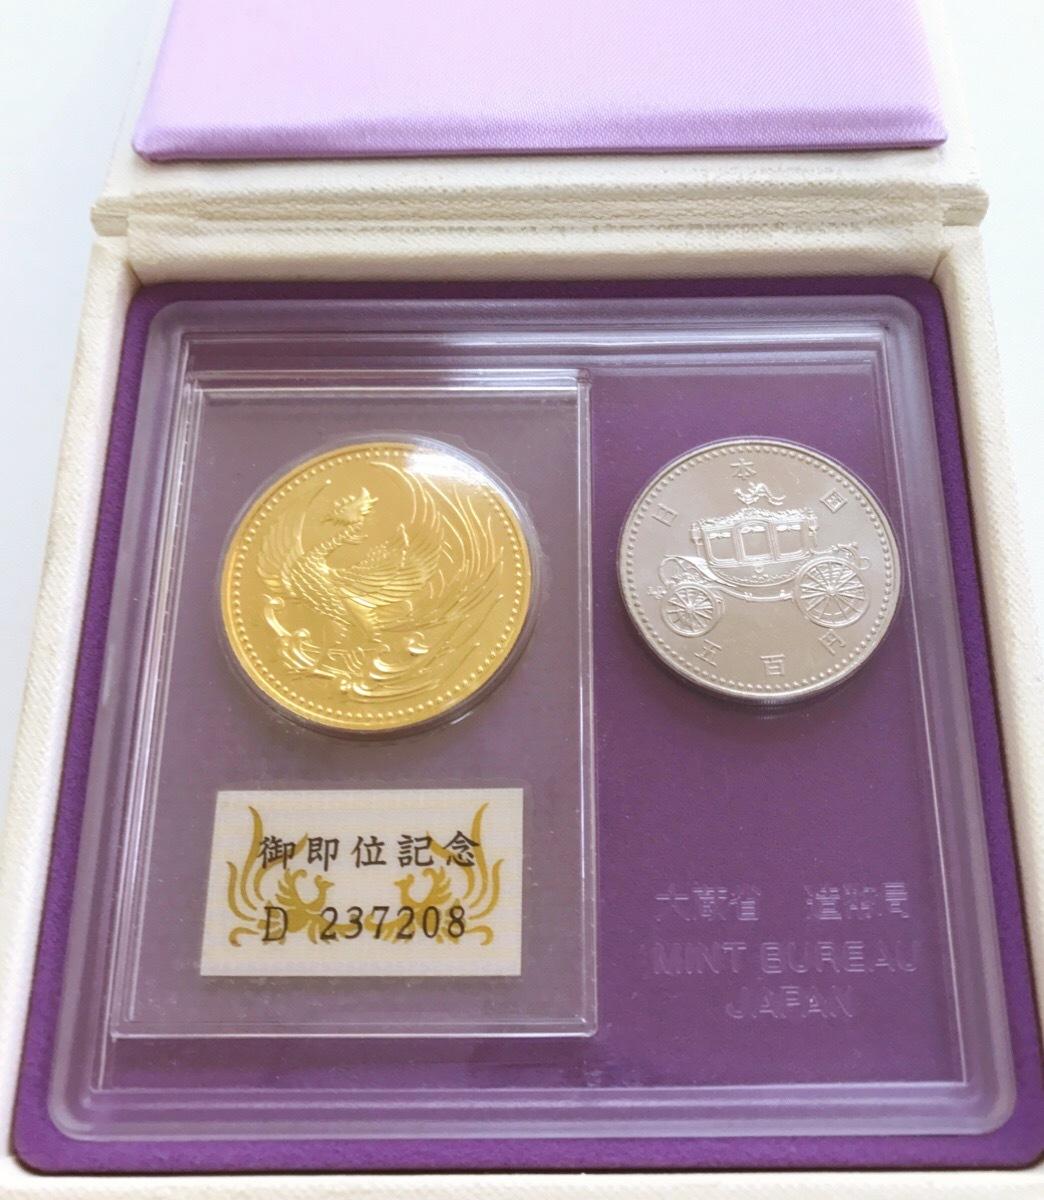 天皇陛下御即位記念 ◆ 10万円金貨 500円白銅貨 記念貨幣セット◆ K24 純金 30g_画像8